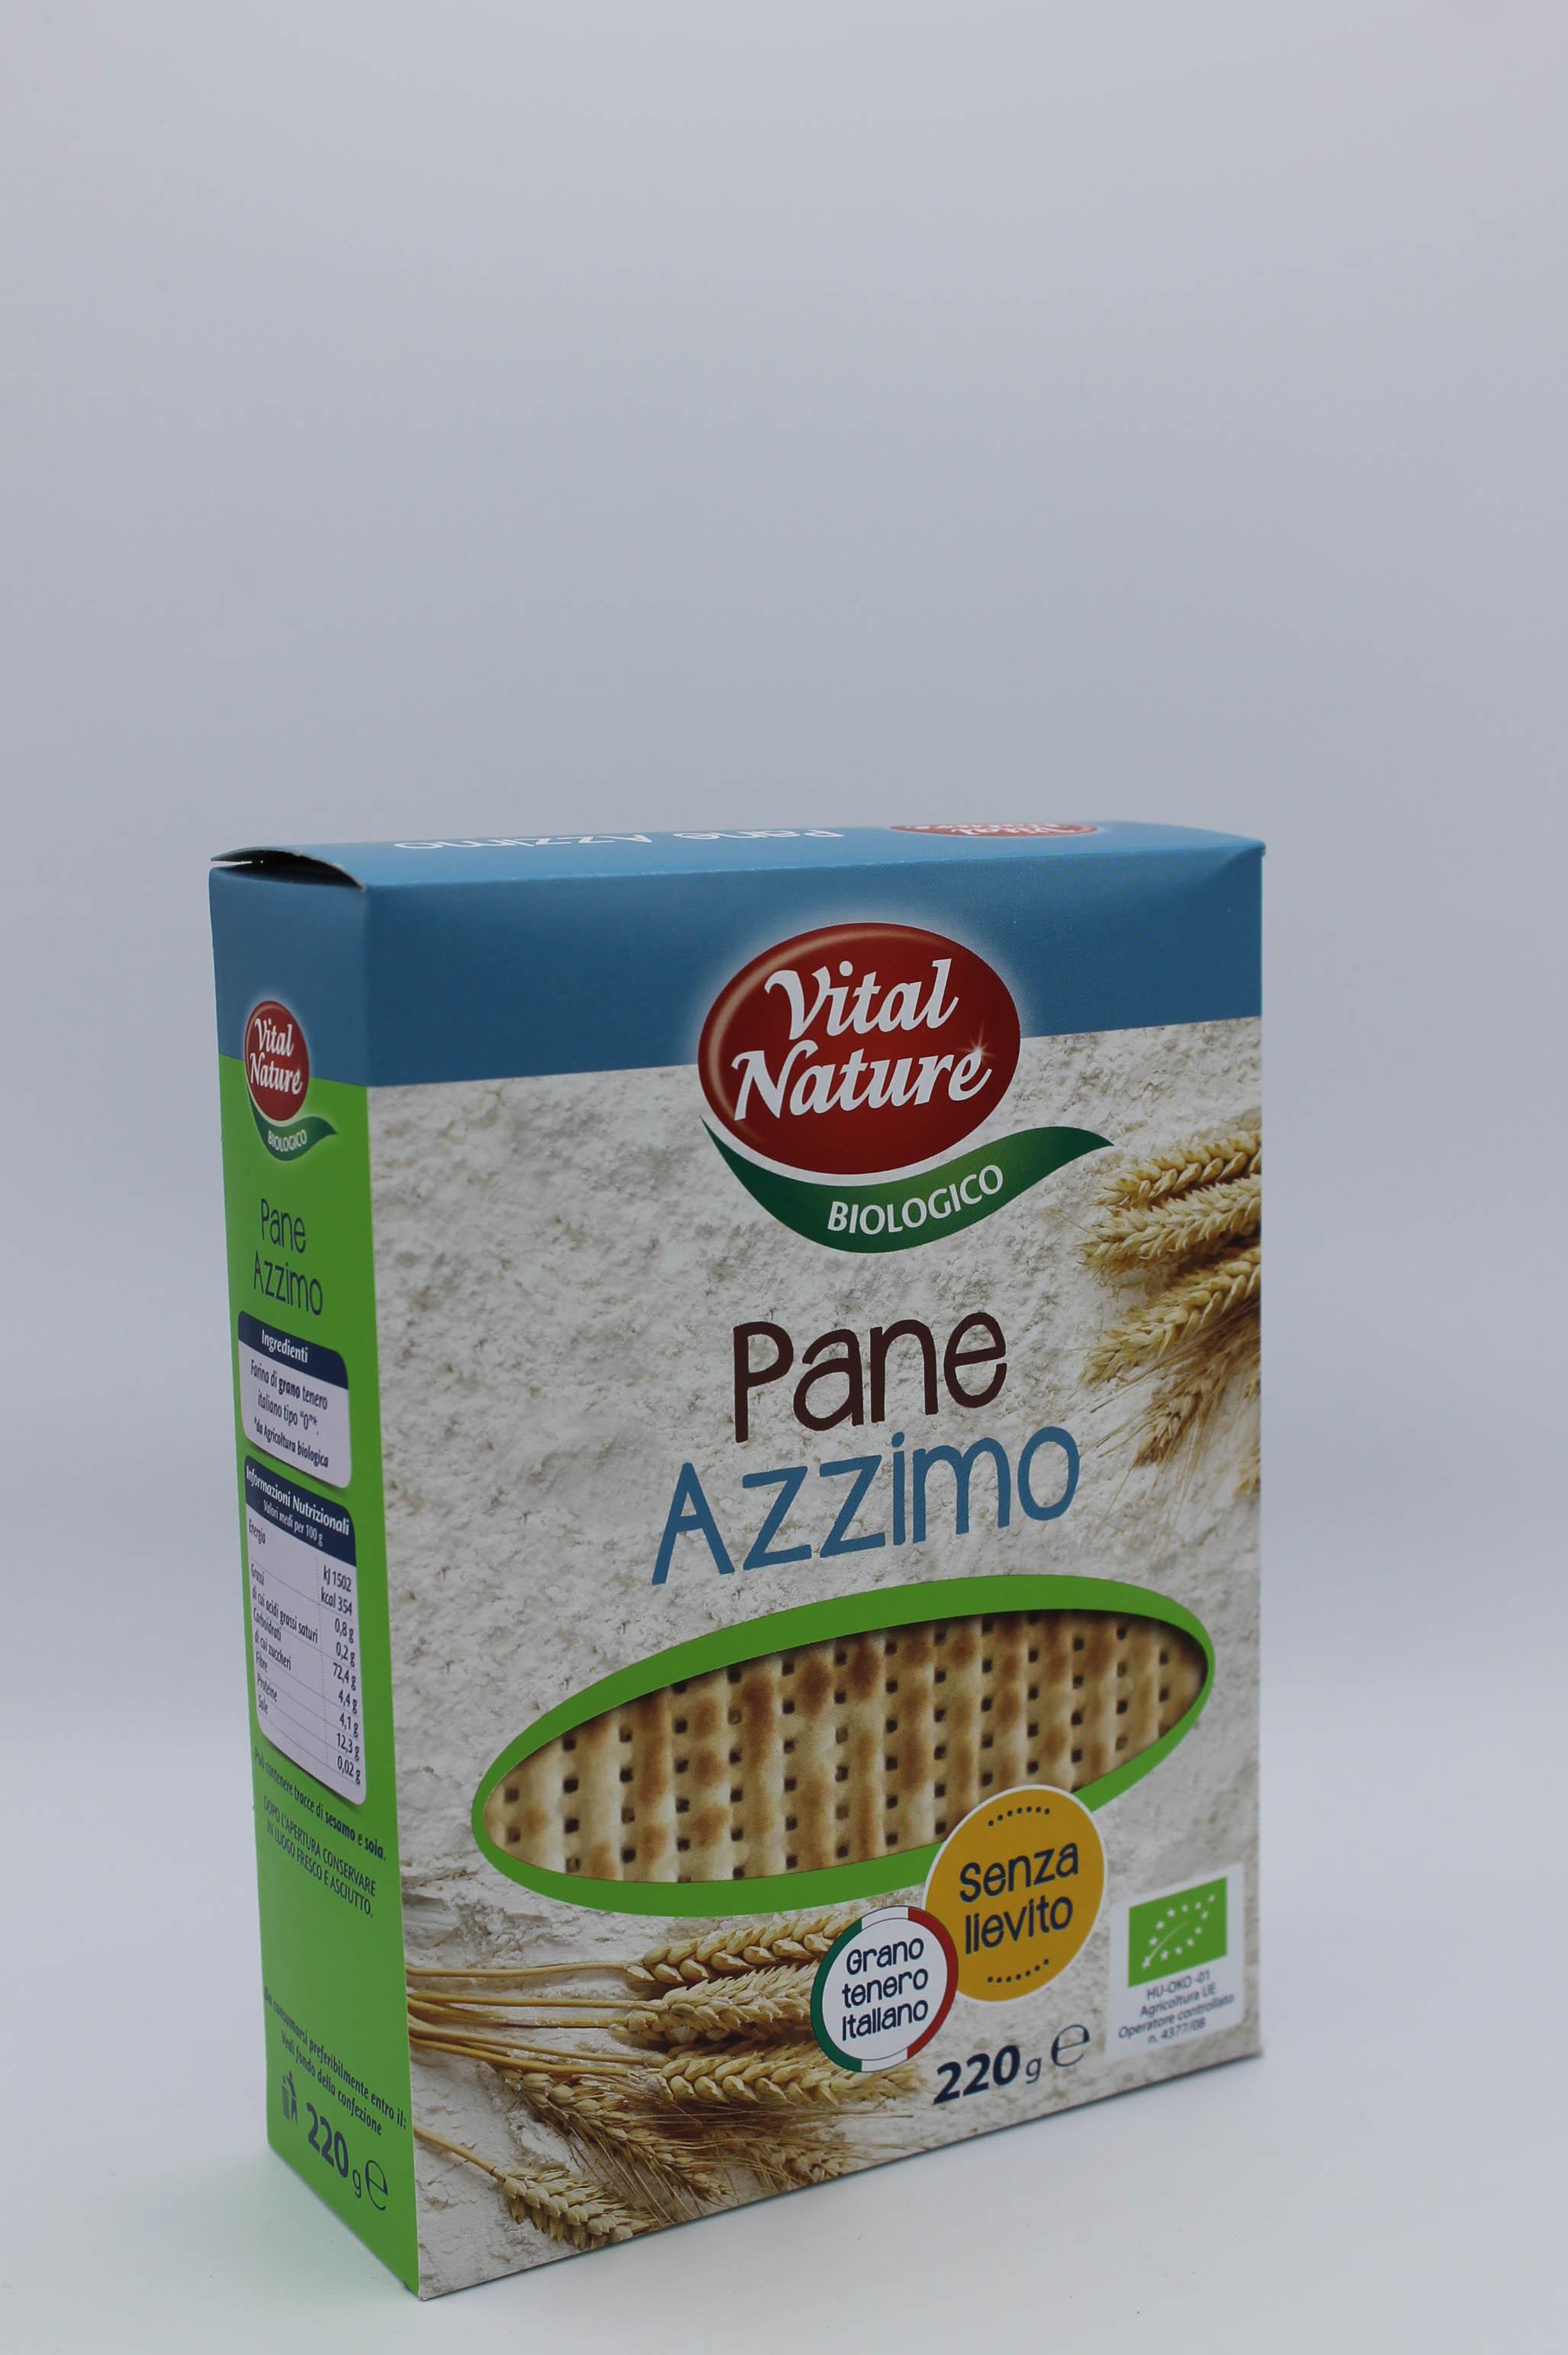 Vital Nature pane azzimo bio senza lievito 220 gr.